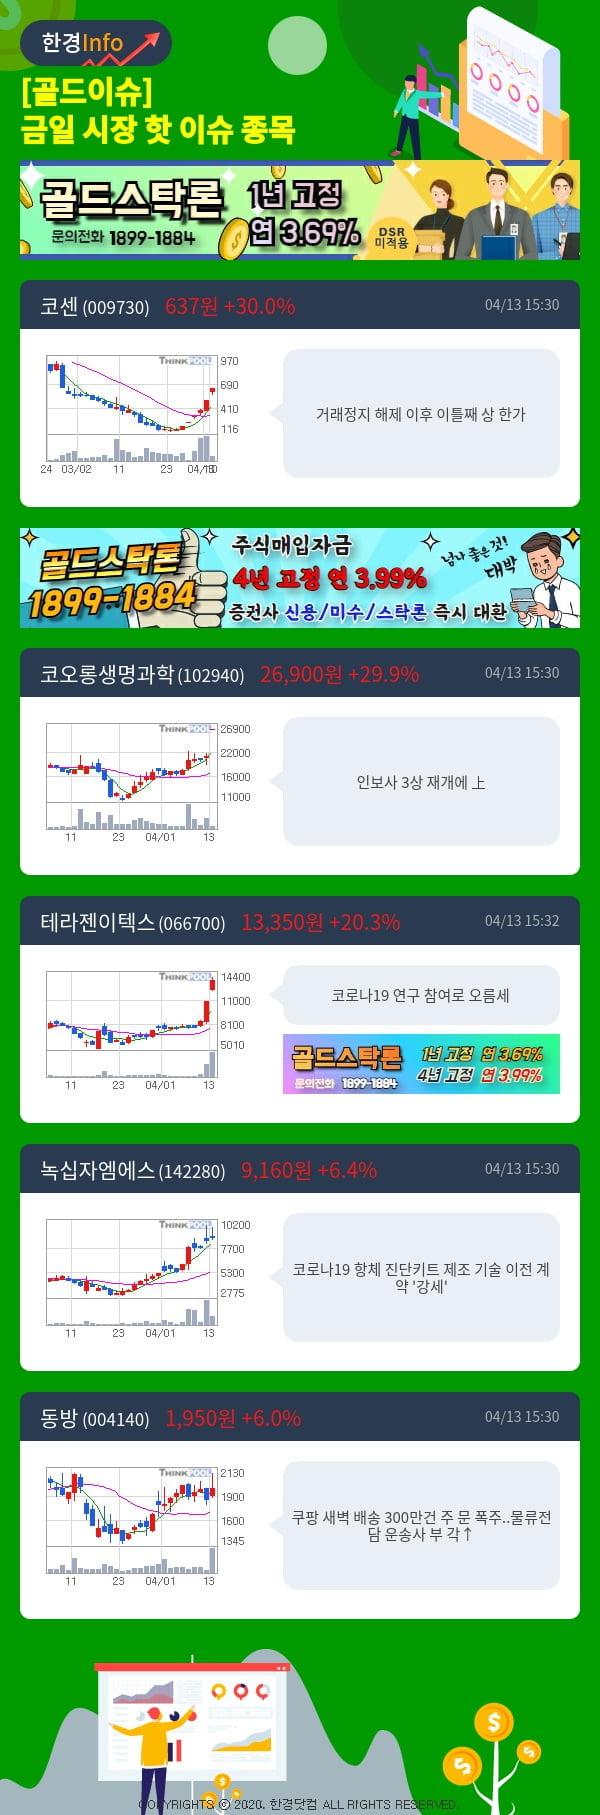 [골드이슈] 금일 시장 핫 이슈 종목